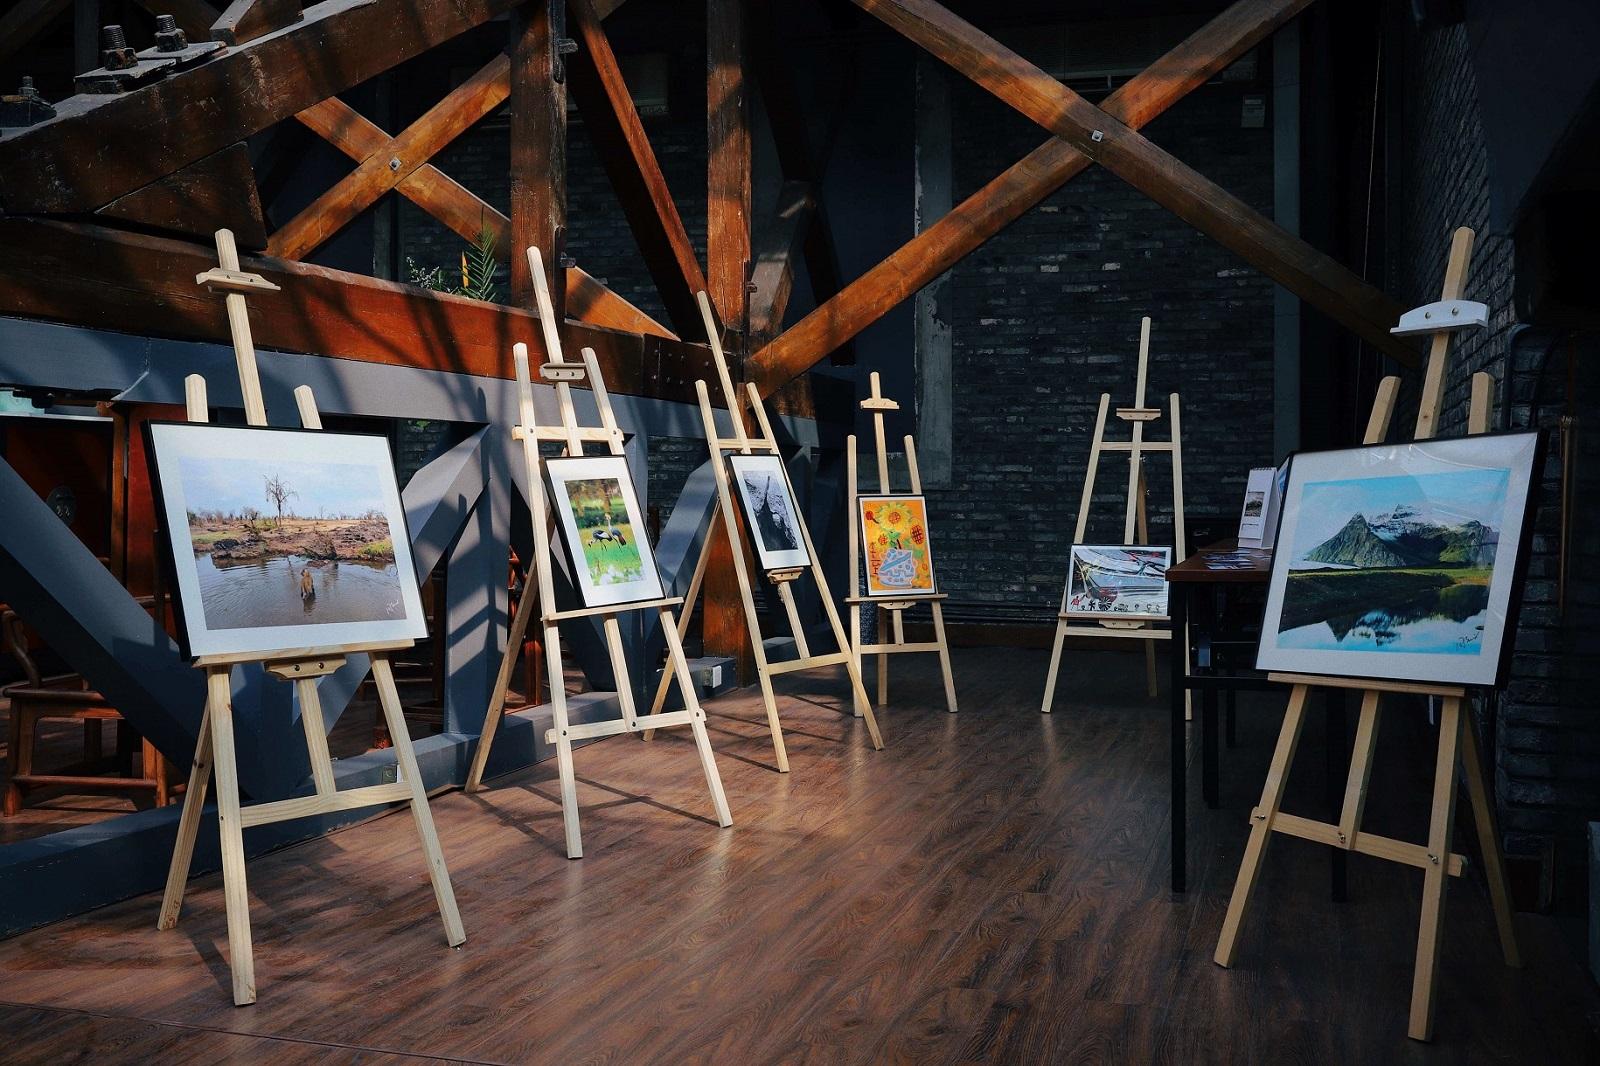 Schönes Atelier - einige Gemälde auf verschiedenen Staffeleien  - modern